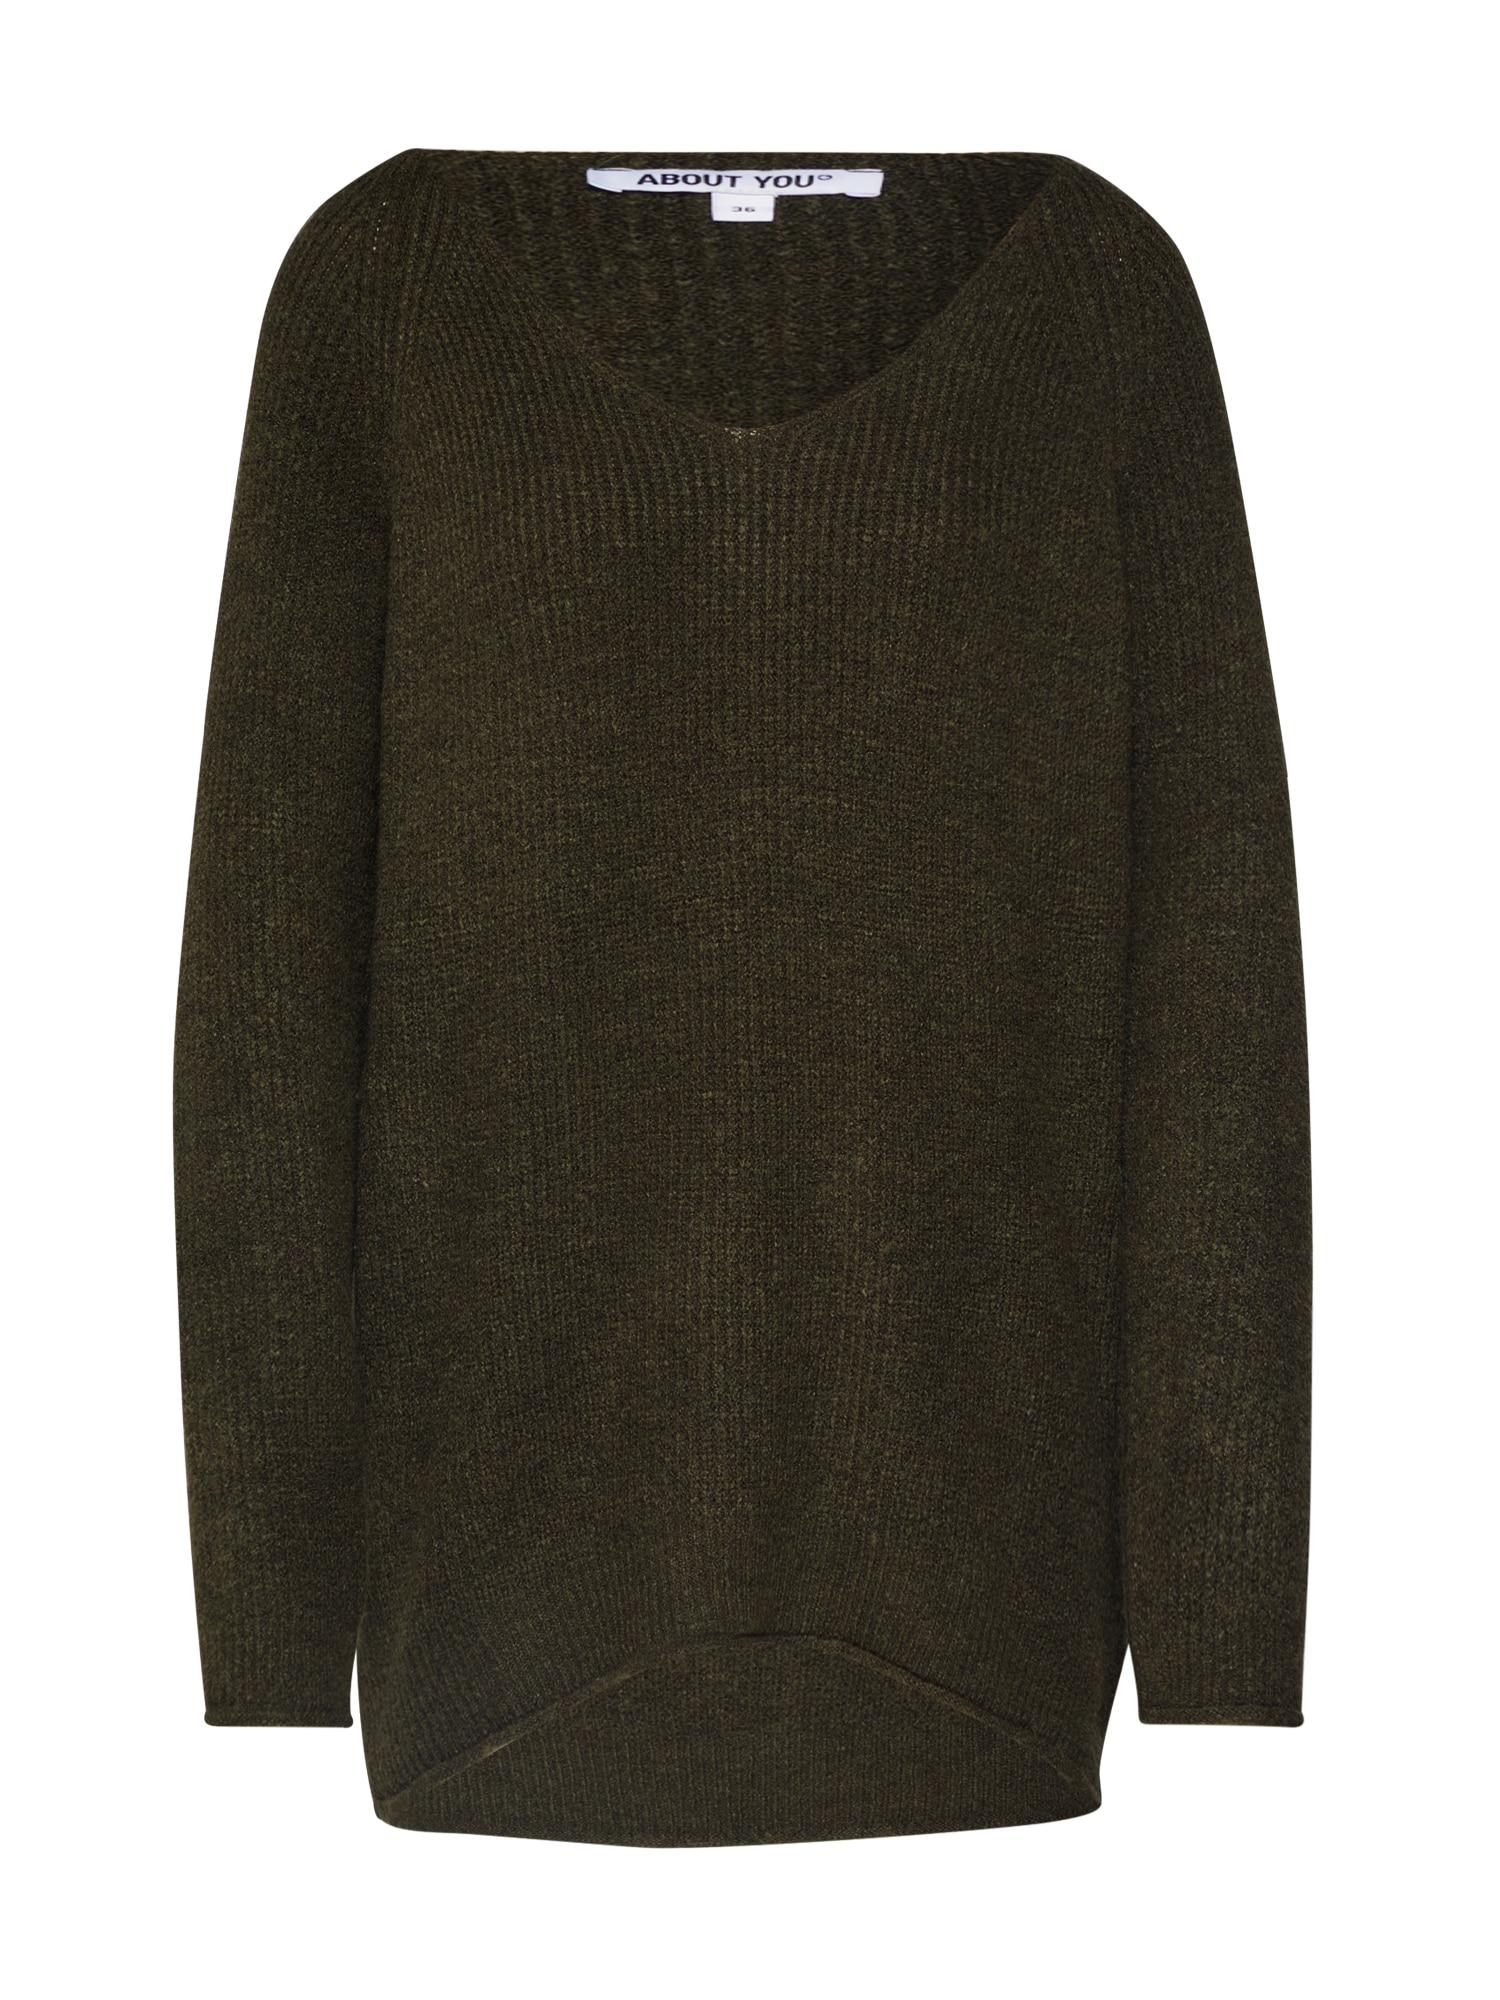 ABOUT YOU Megztinis 'Laren' tamsiai žalia